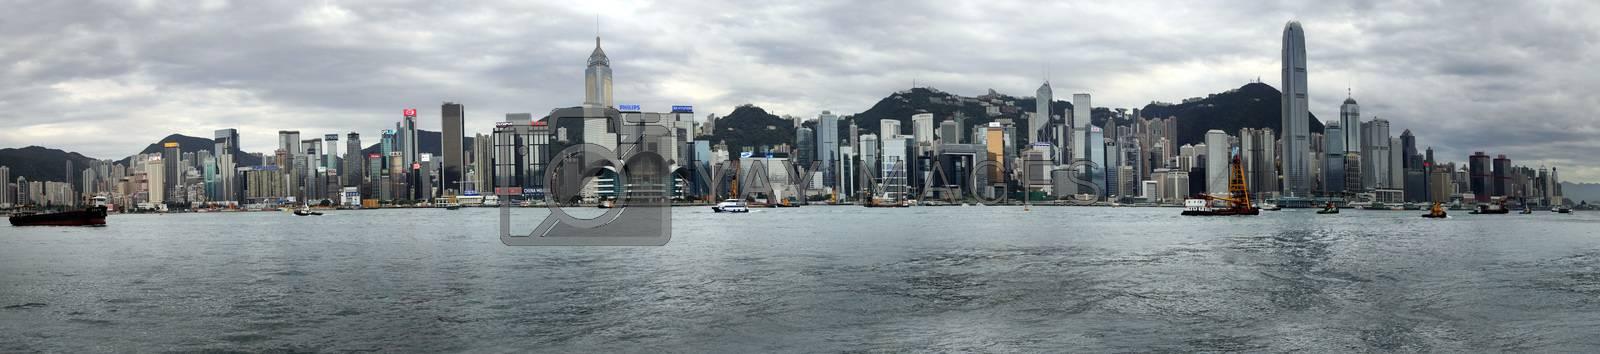 Hong Kong by friday